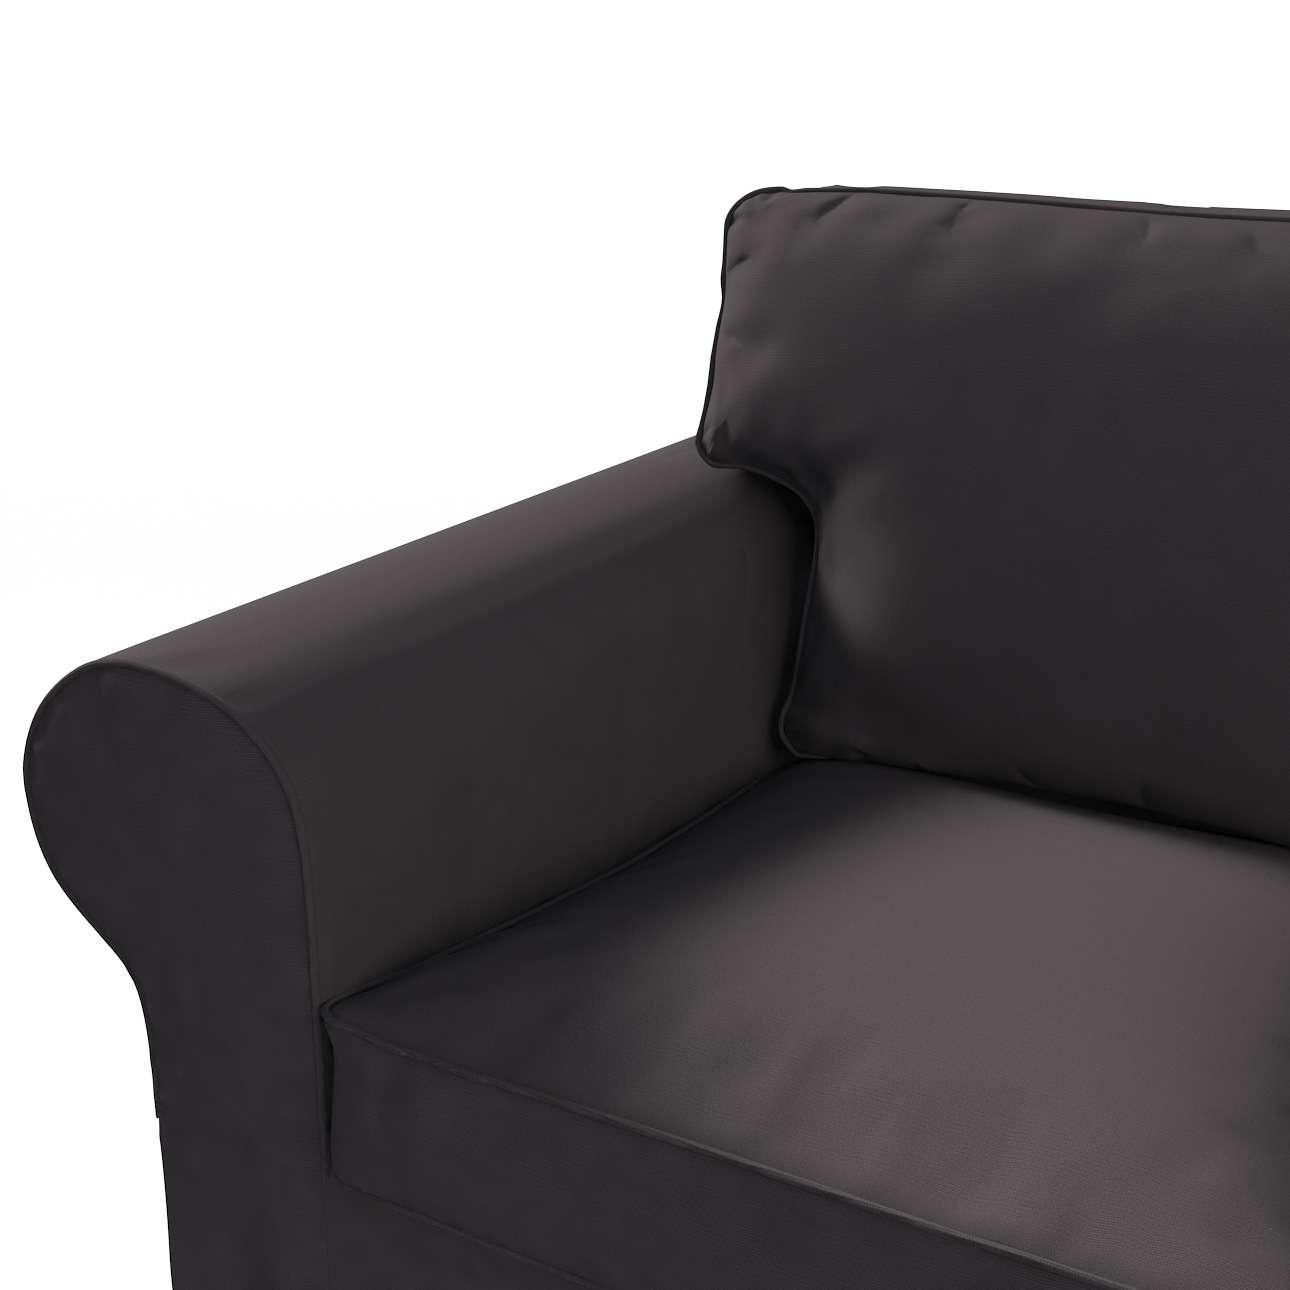 Ektorp trivietės sofos-lovos užvalkalas Ektorp trivietė sofa-lova kolekcijoje Cotton Panama, audinys: 702-09